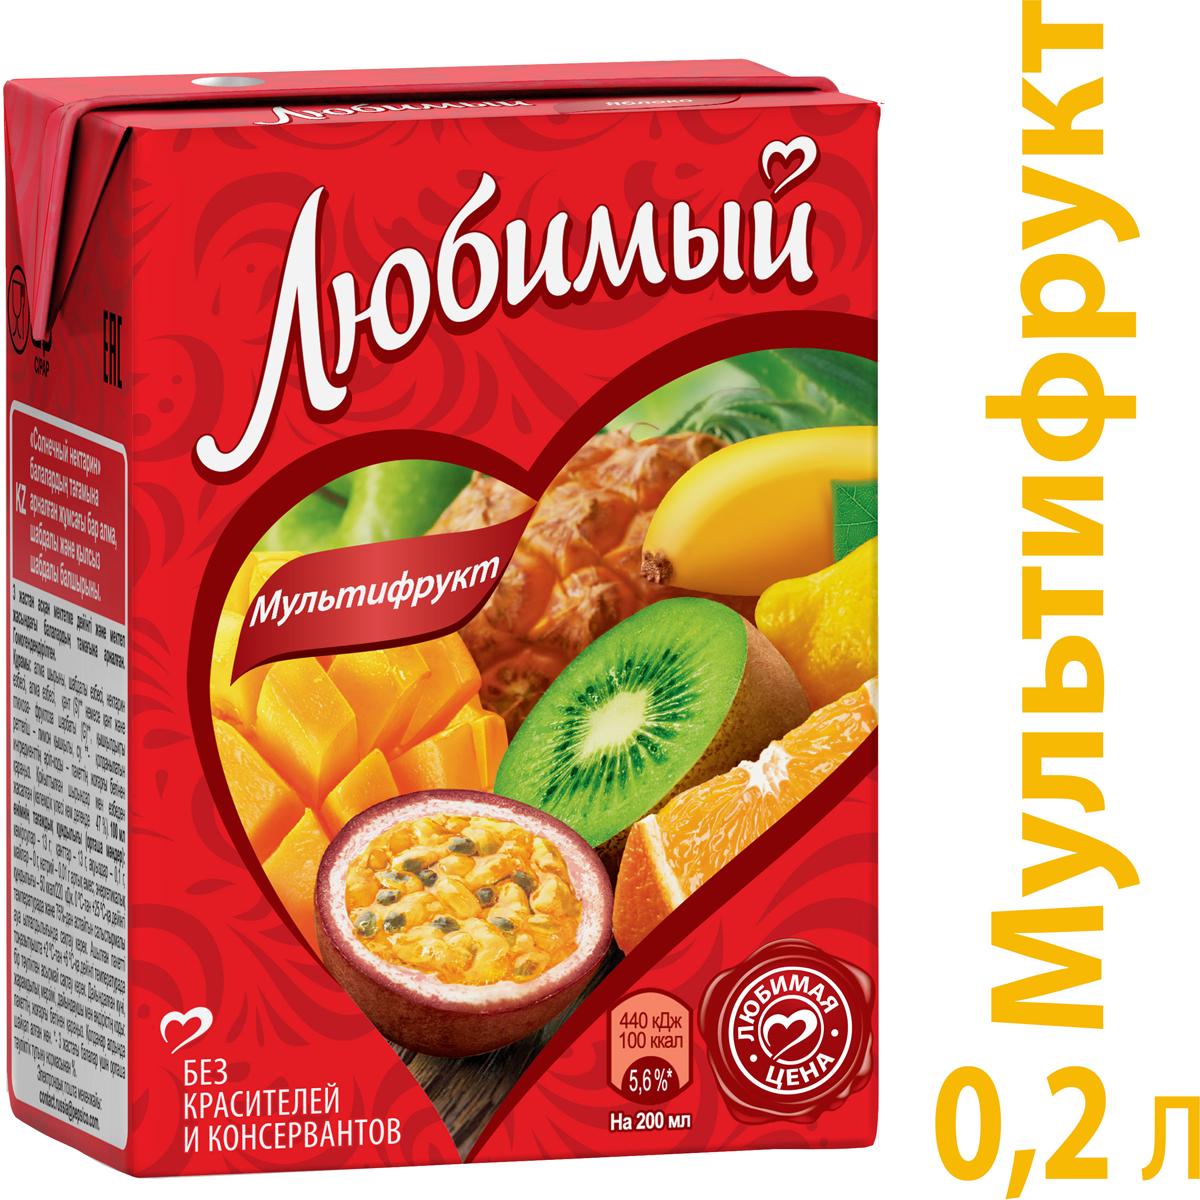 Любимый Мультифрукт нектар, 0,2 л340024777Любимый – это нектары, соковые напитки, а также сиропы на любой вкус по доступной цене. Они бережно сохраняют настоящий вкус и аромат сочных спелых фруктов без использования искусственных красителей и консервантов. В ассортиментной линейке бренда